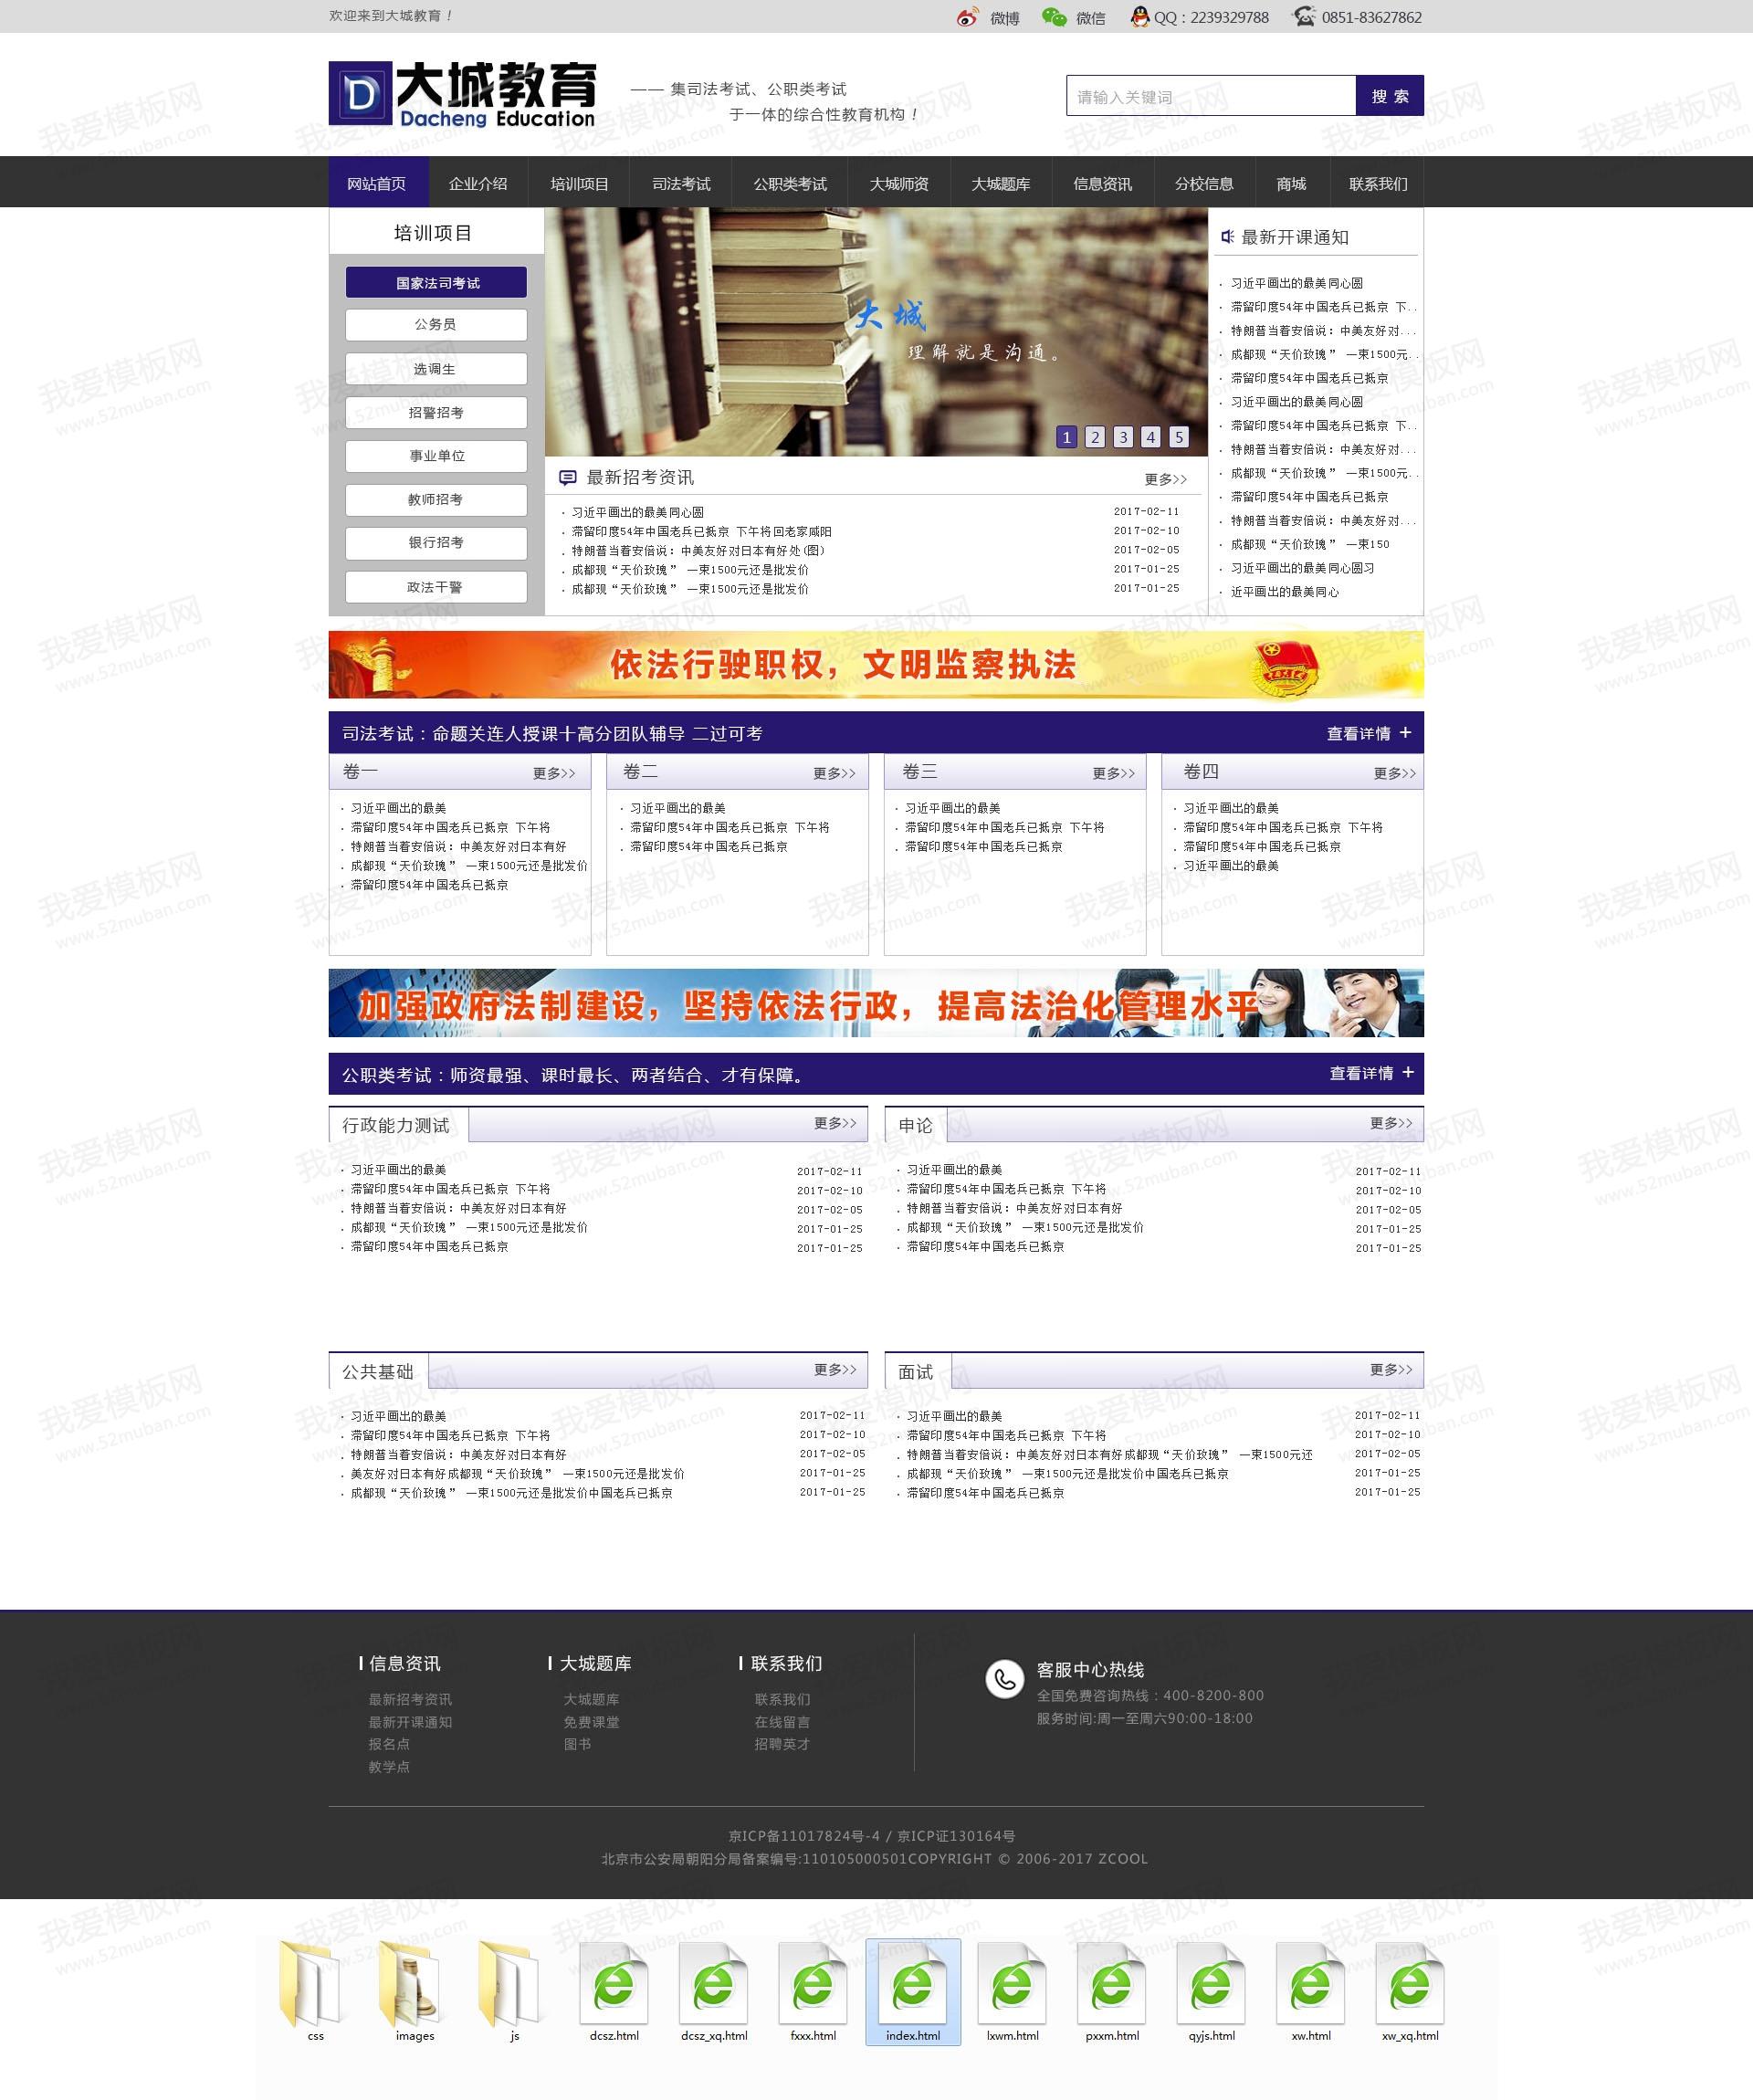 国考教育培训资讯网站模板html整站